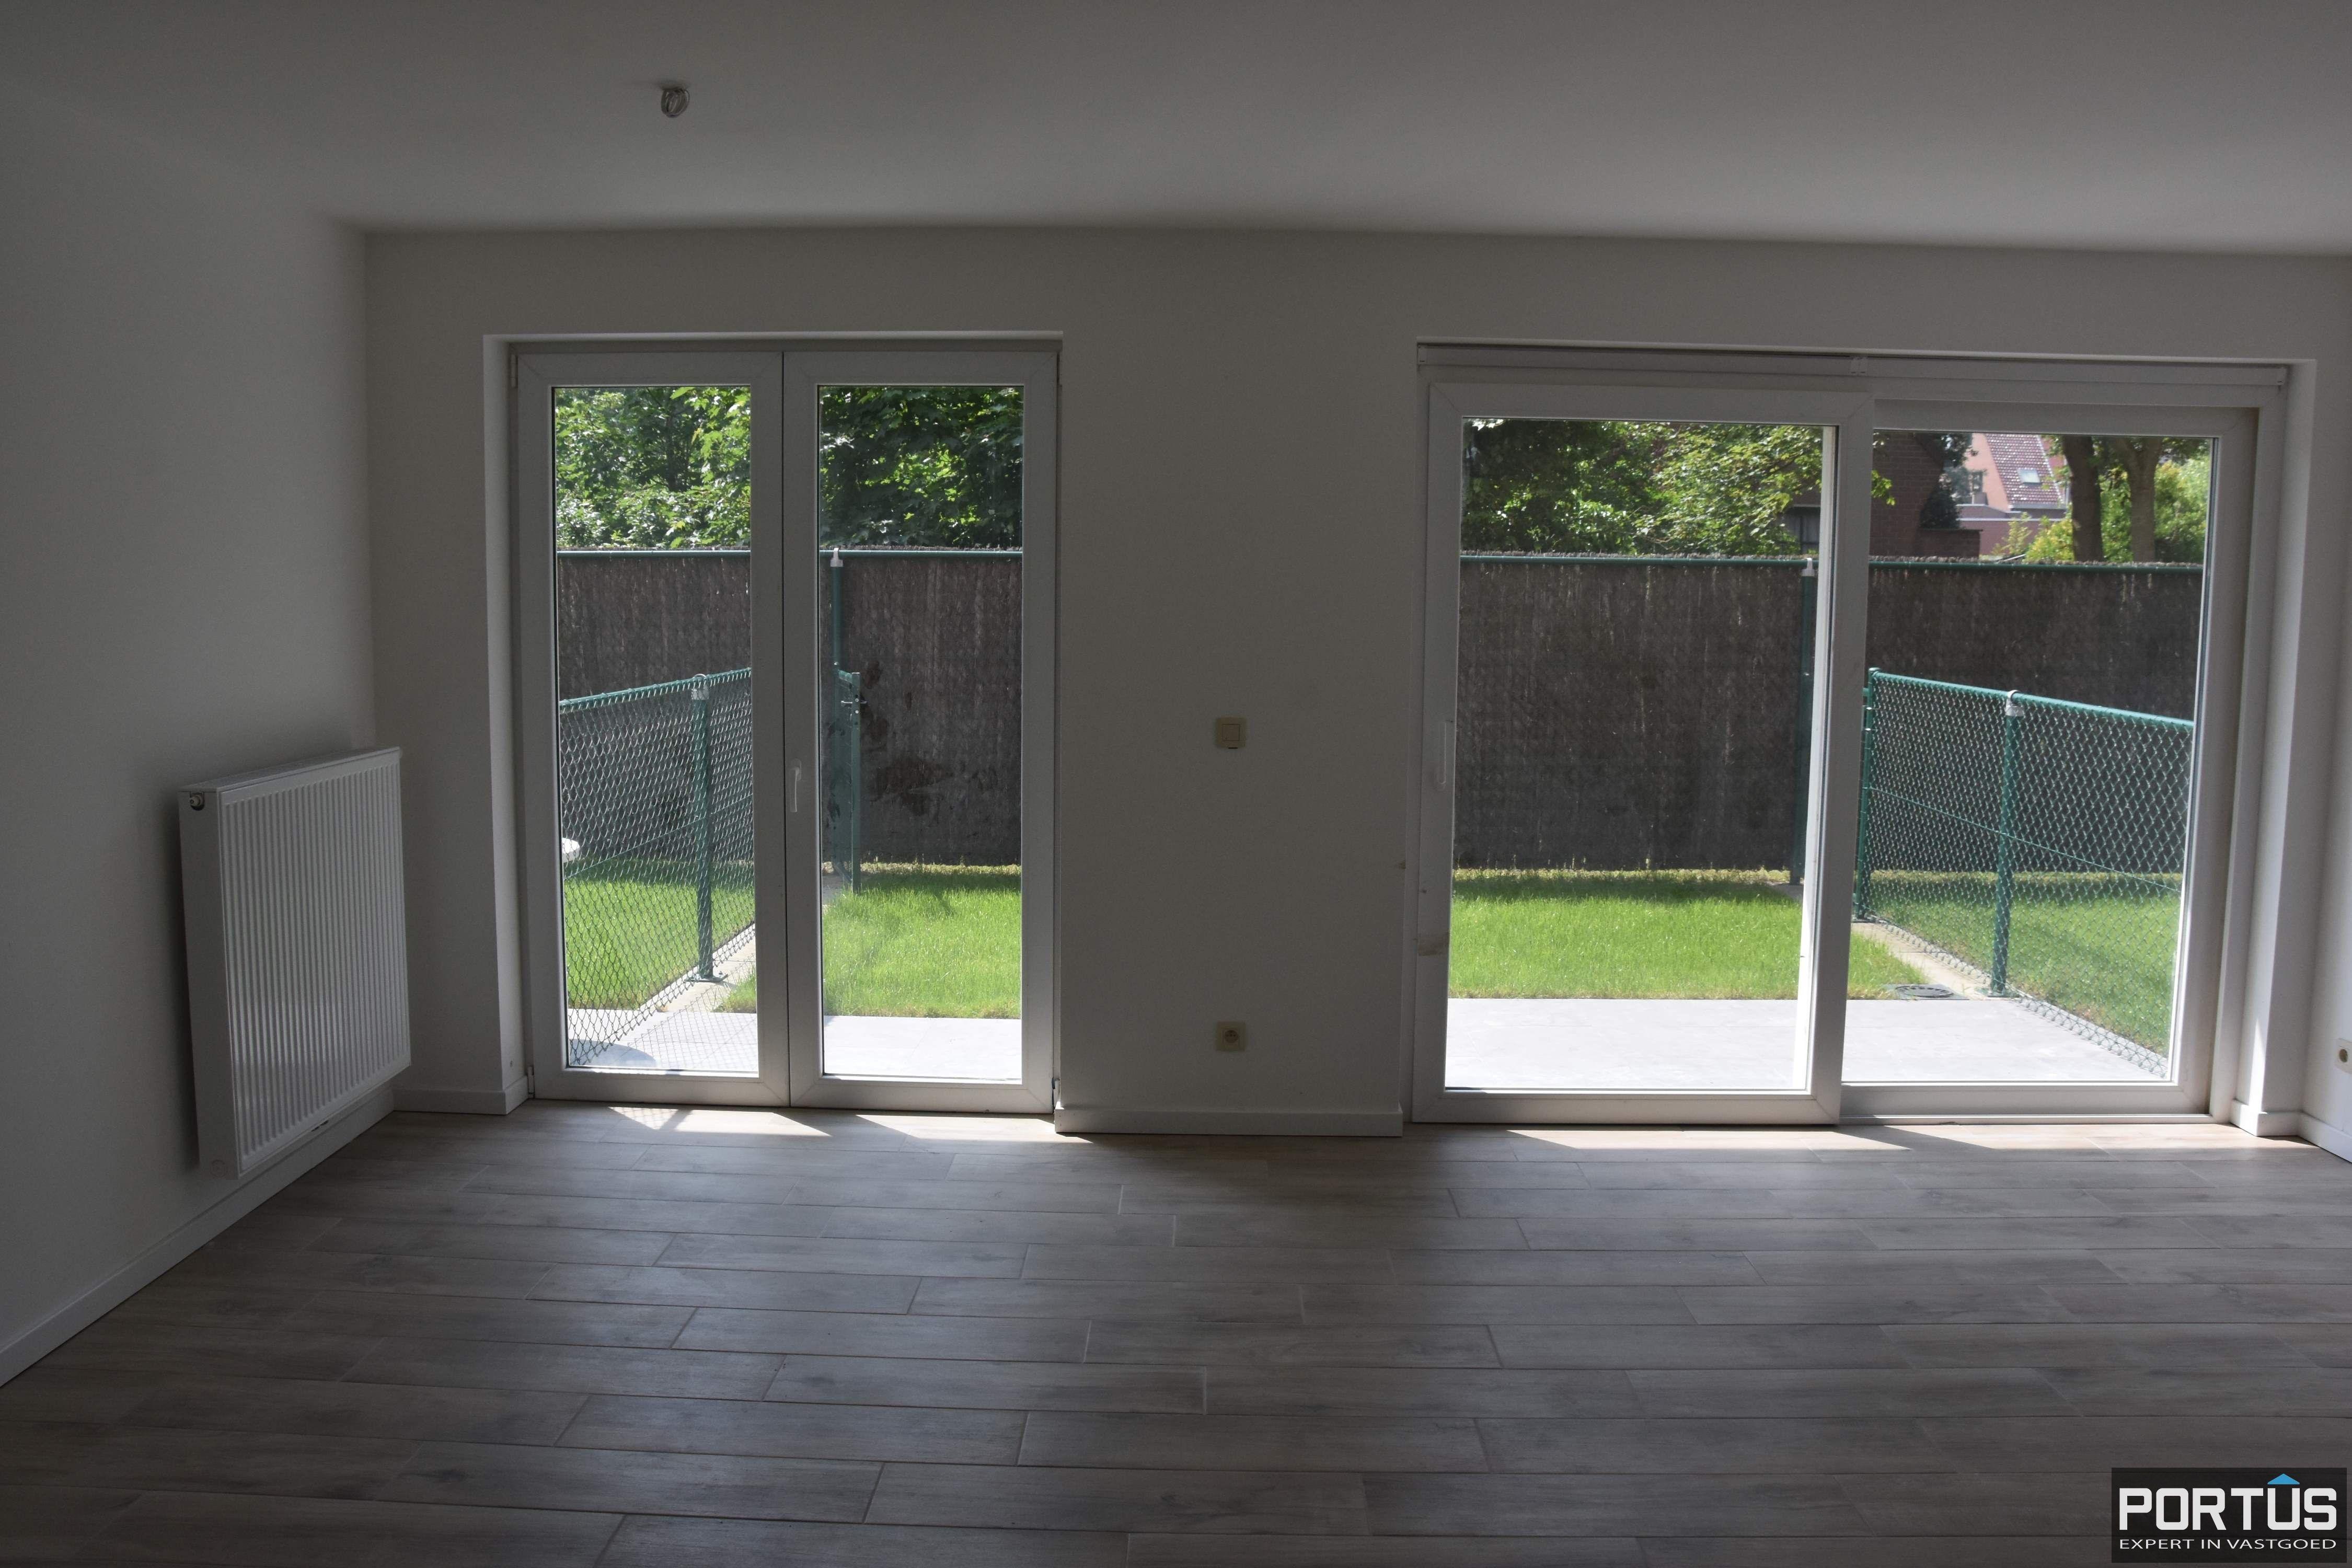 Appartement Residentie Villa Crombez Nieuwpoort - 8405